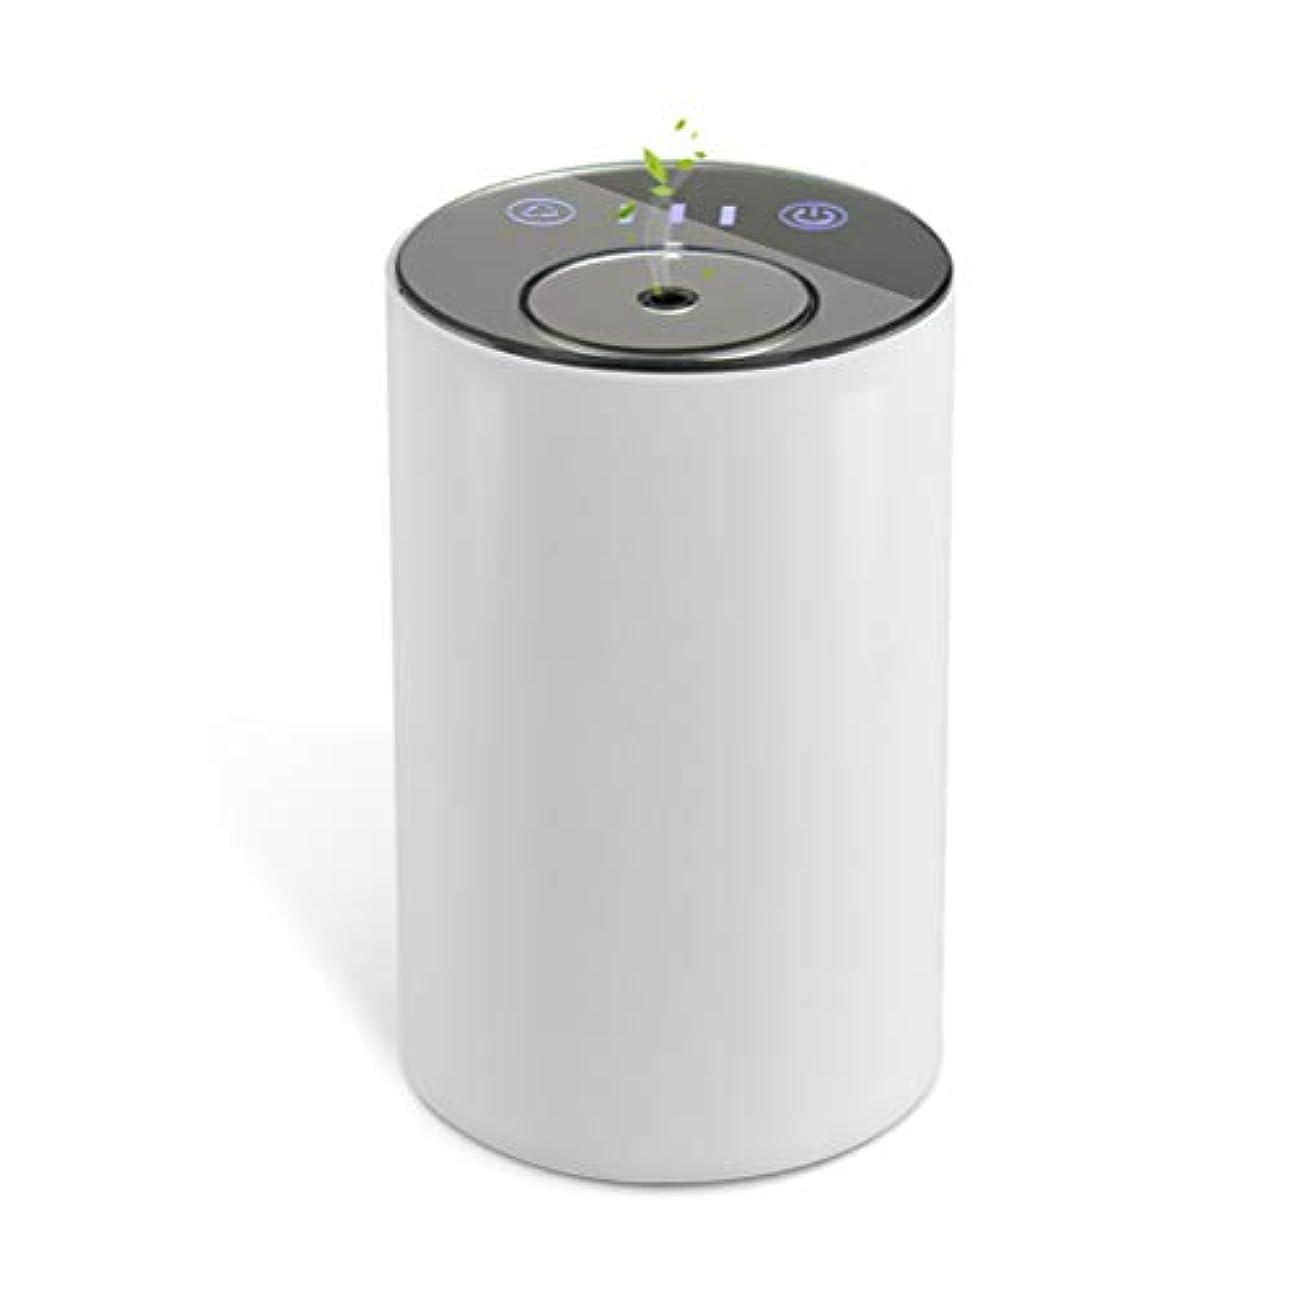 衛星必需品受け入れアロマディフューザー ネブライザー式 水なし 充電式 静音 噴霧 ミスト量調整可 タイマー機能 車用 エッセンシャルオイルの節約